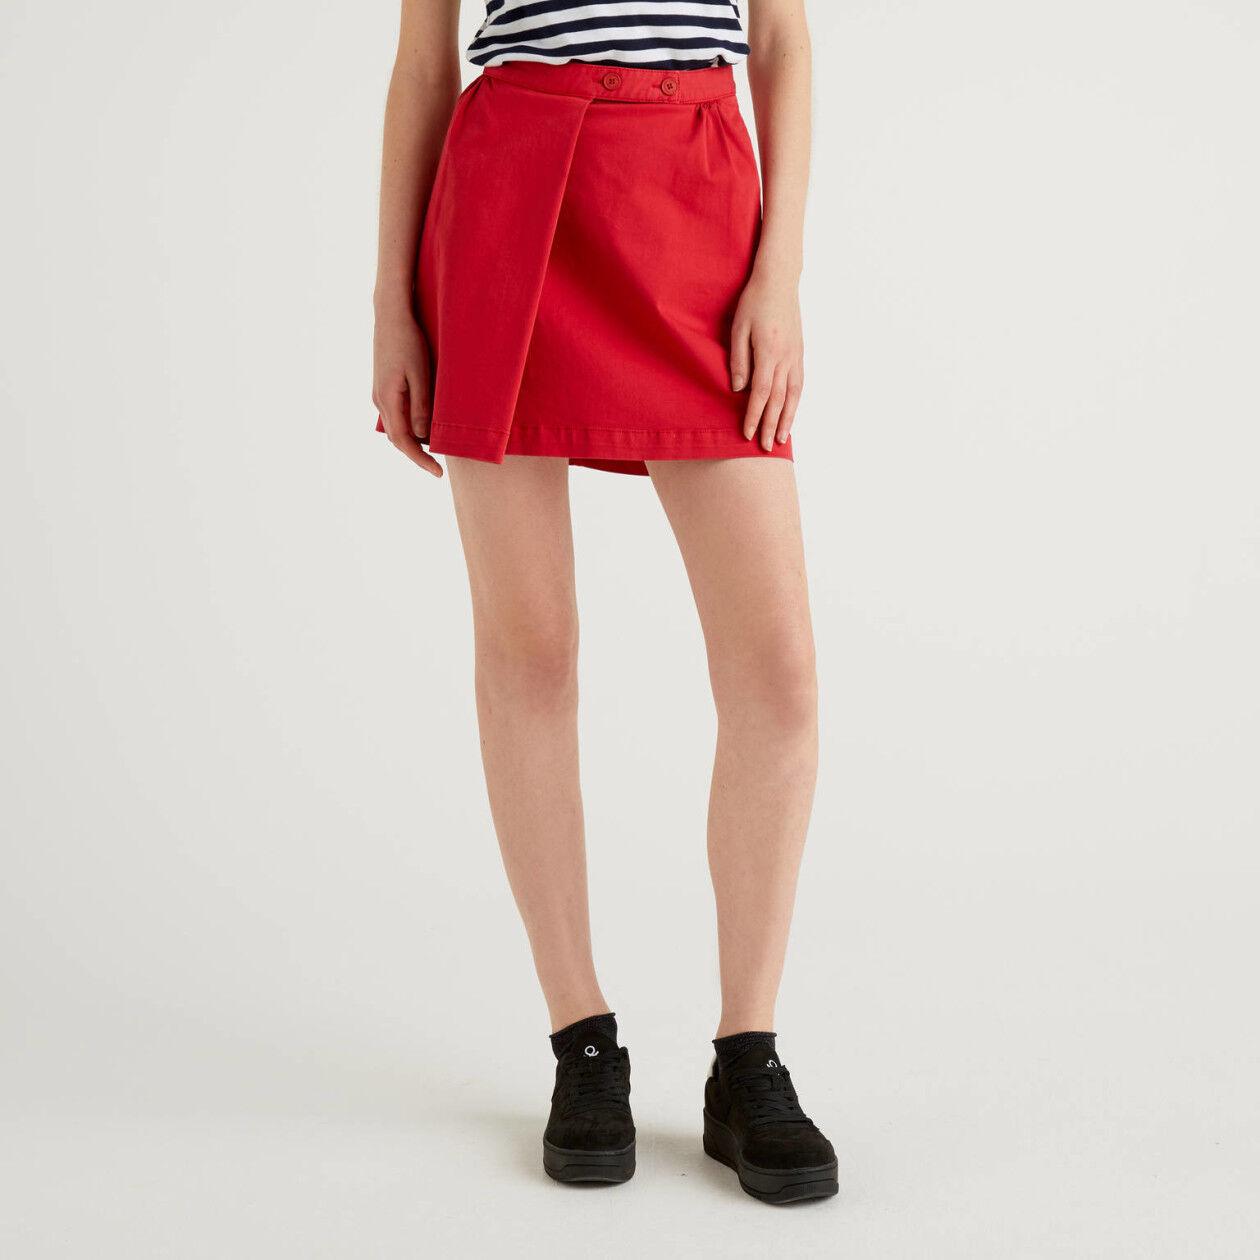 Flared short skirt